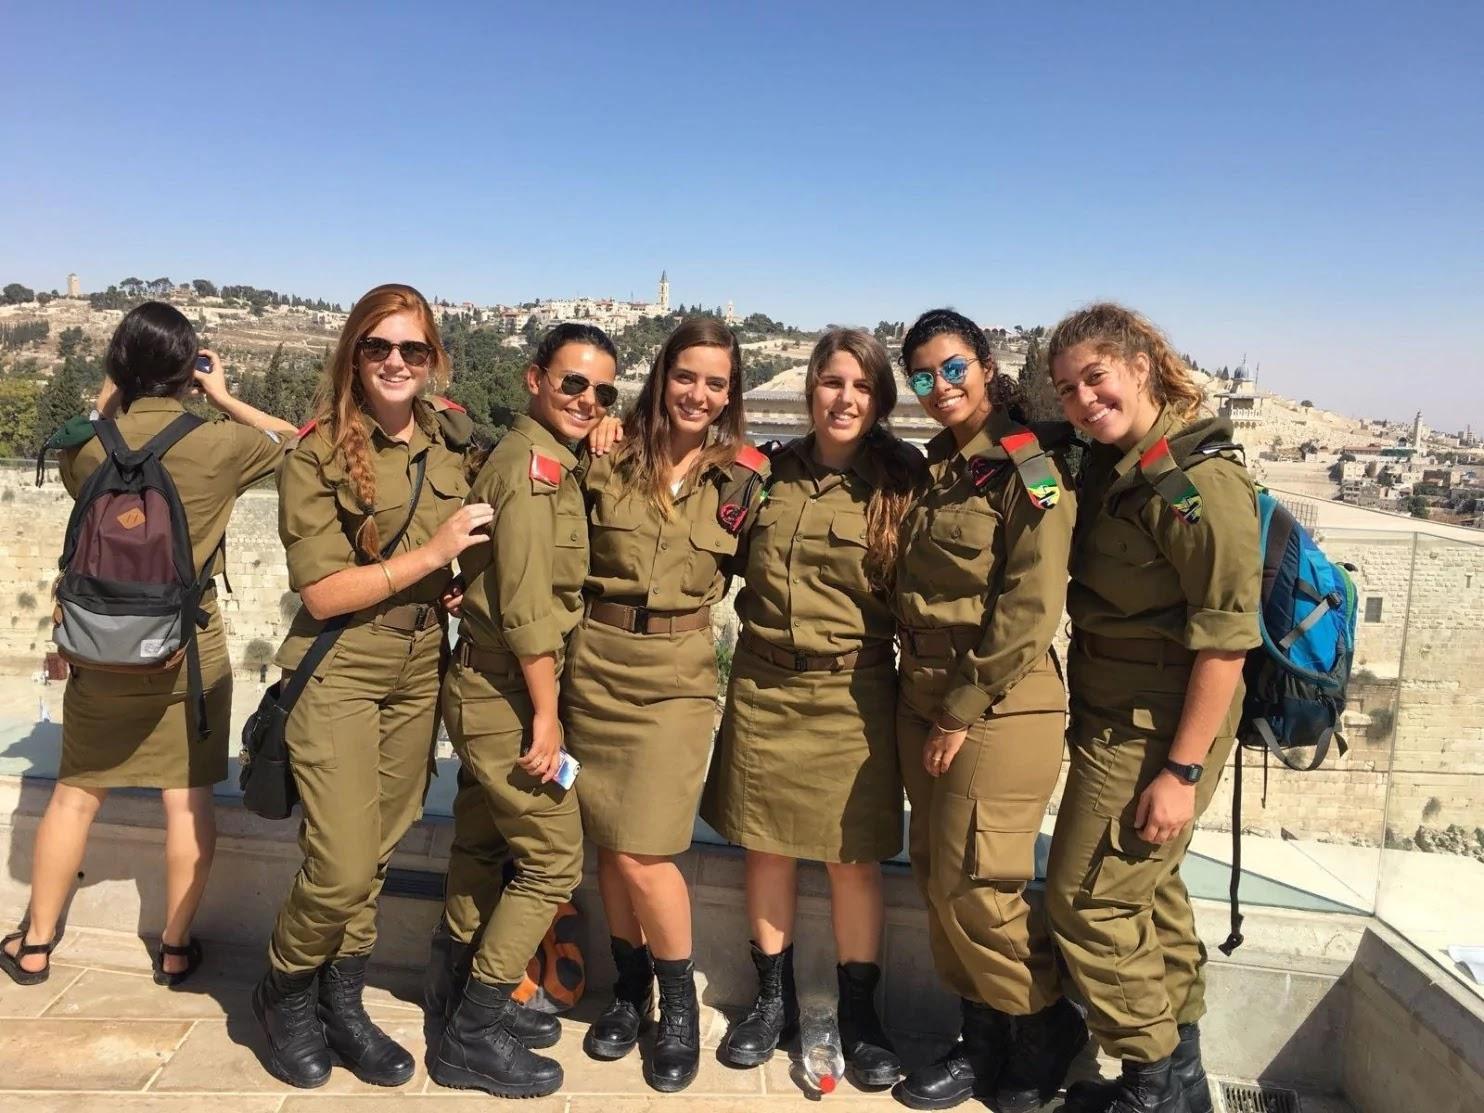 Fotos de mujeres en el ejercito israeli 67